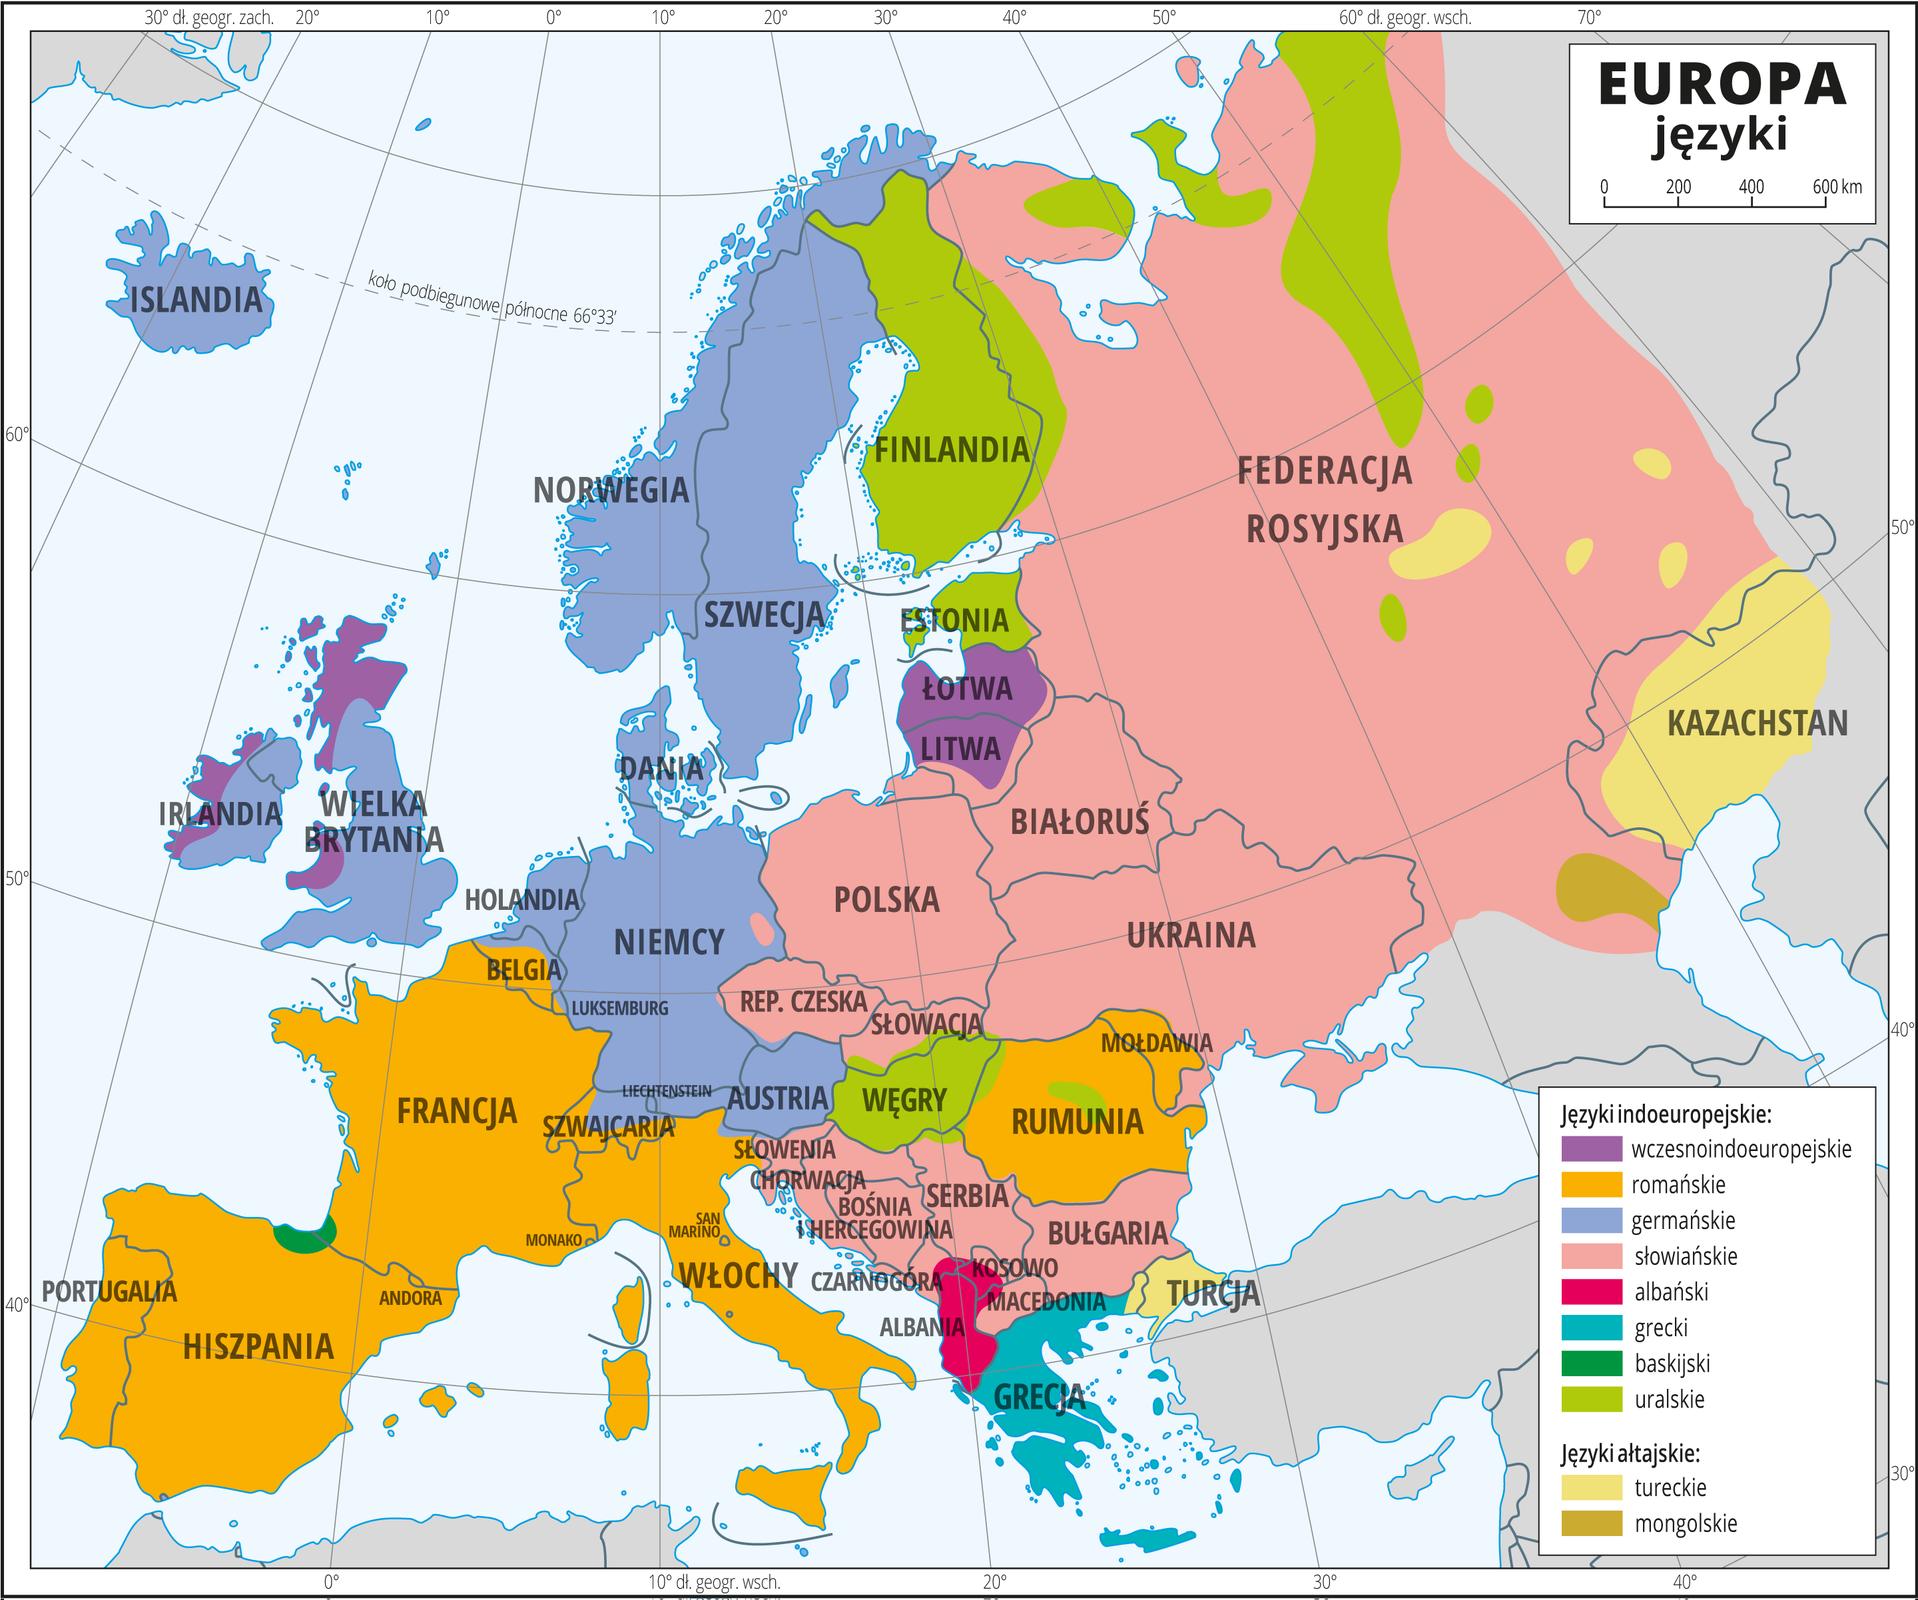 Ilustracja przedstawia mapę Europy. Na mapie granice państw. Nazwy państw opisano. Kolorami przedstawiono języki – wprzeważającej części Europy języki indoeuropejskie (słowiańskie, germańskie, romańskie, albański, grecki, baskijski, uralskie, wczesnoindoeuropejskie), dalej na wschód języki ałtajskie: mongolskie, tureckie. Mapa zawiera południki irównoleżniki, dookoła mapy wbiałej ramce opisano współrzędne geograficzne co dziesięć stopni.